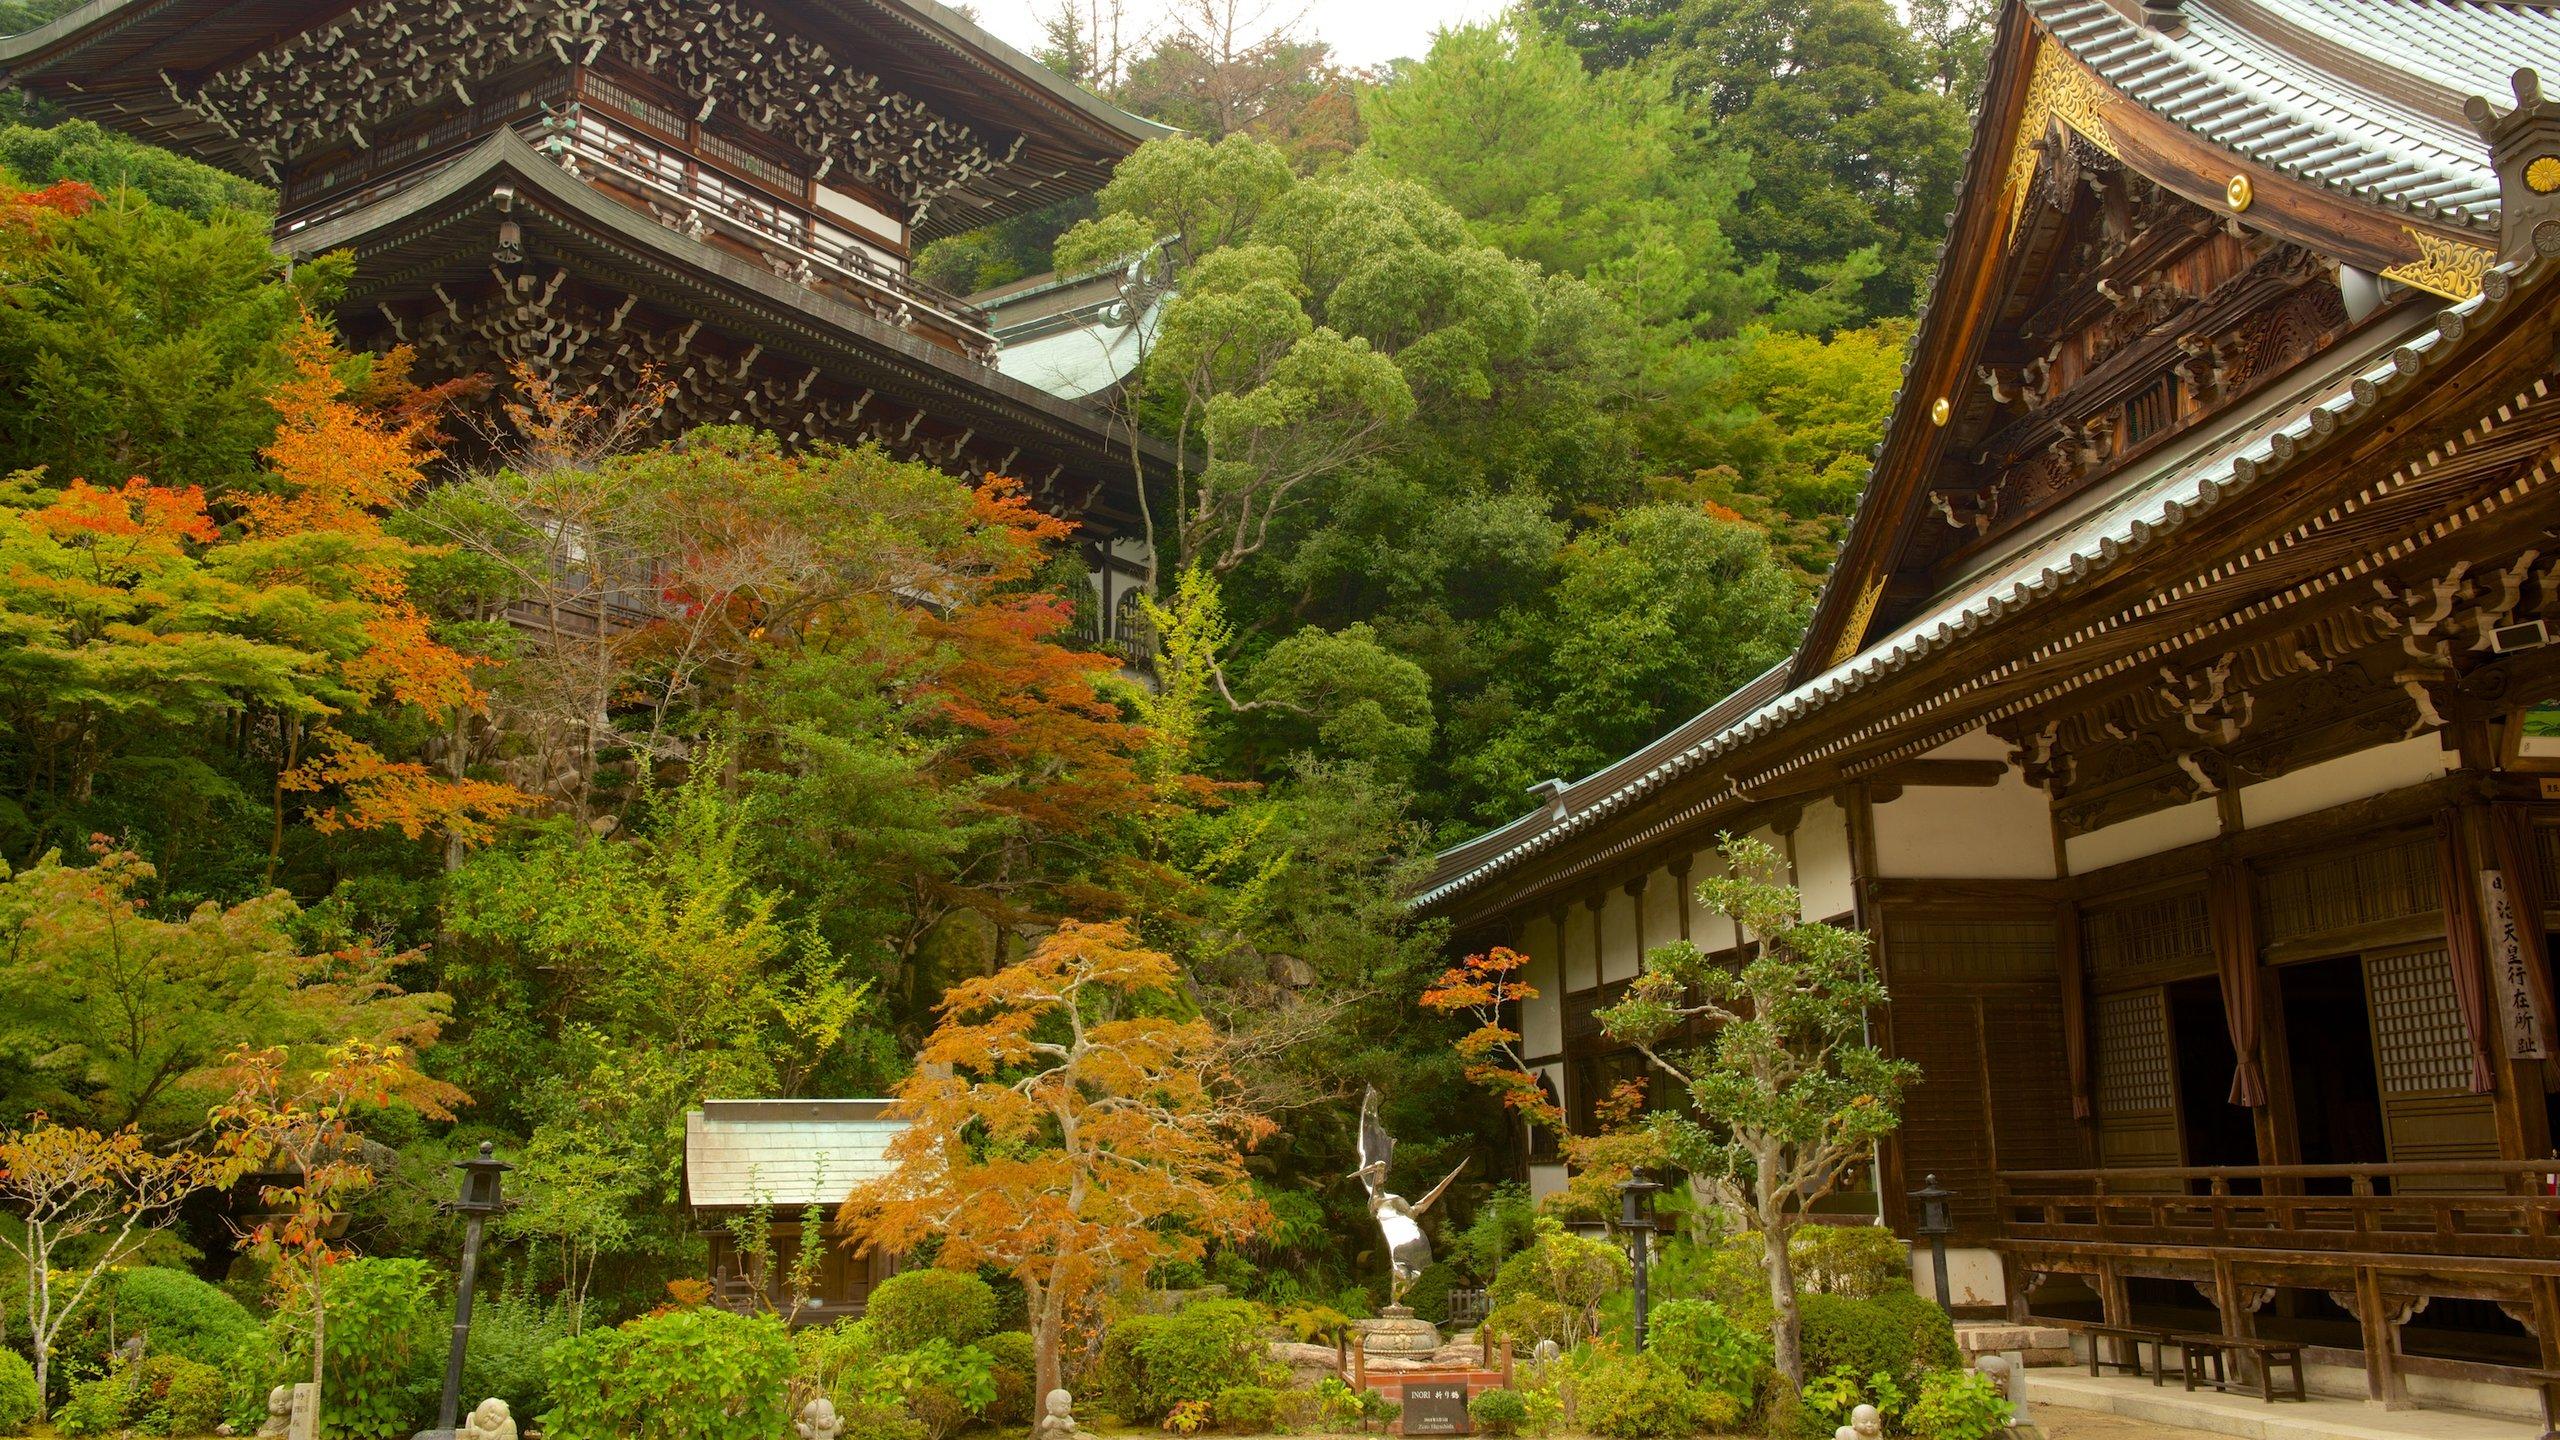 Daisho-in, Hatsukaichi, Hiroshima Prefecture, Japan